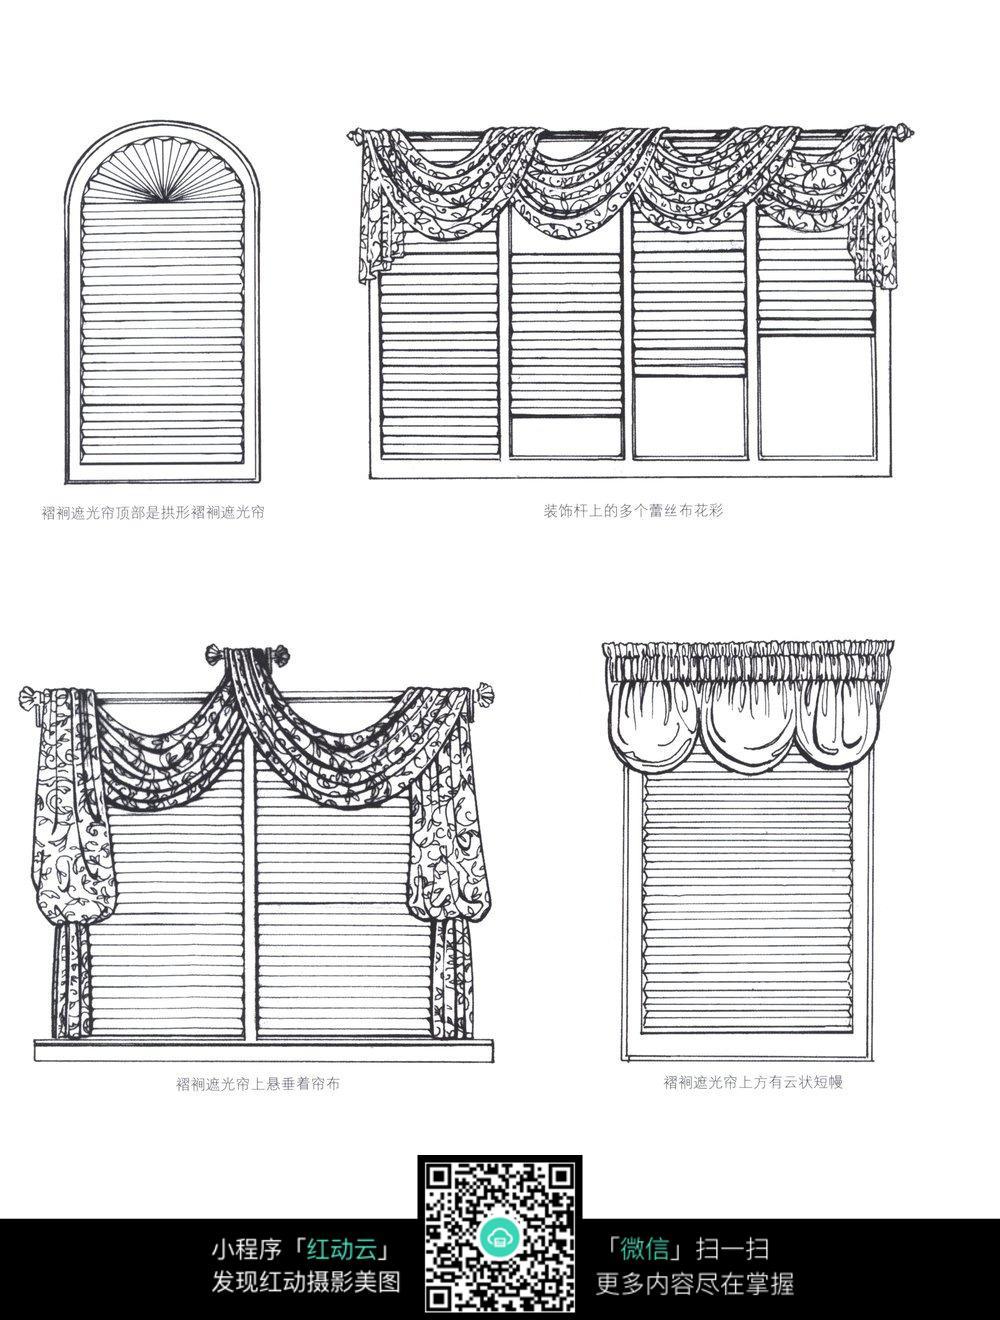 欧式窗帘设计手稿 窗帘设计手绘图 手绘设计稿 彩色手绘窗帘设计稿